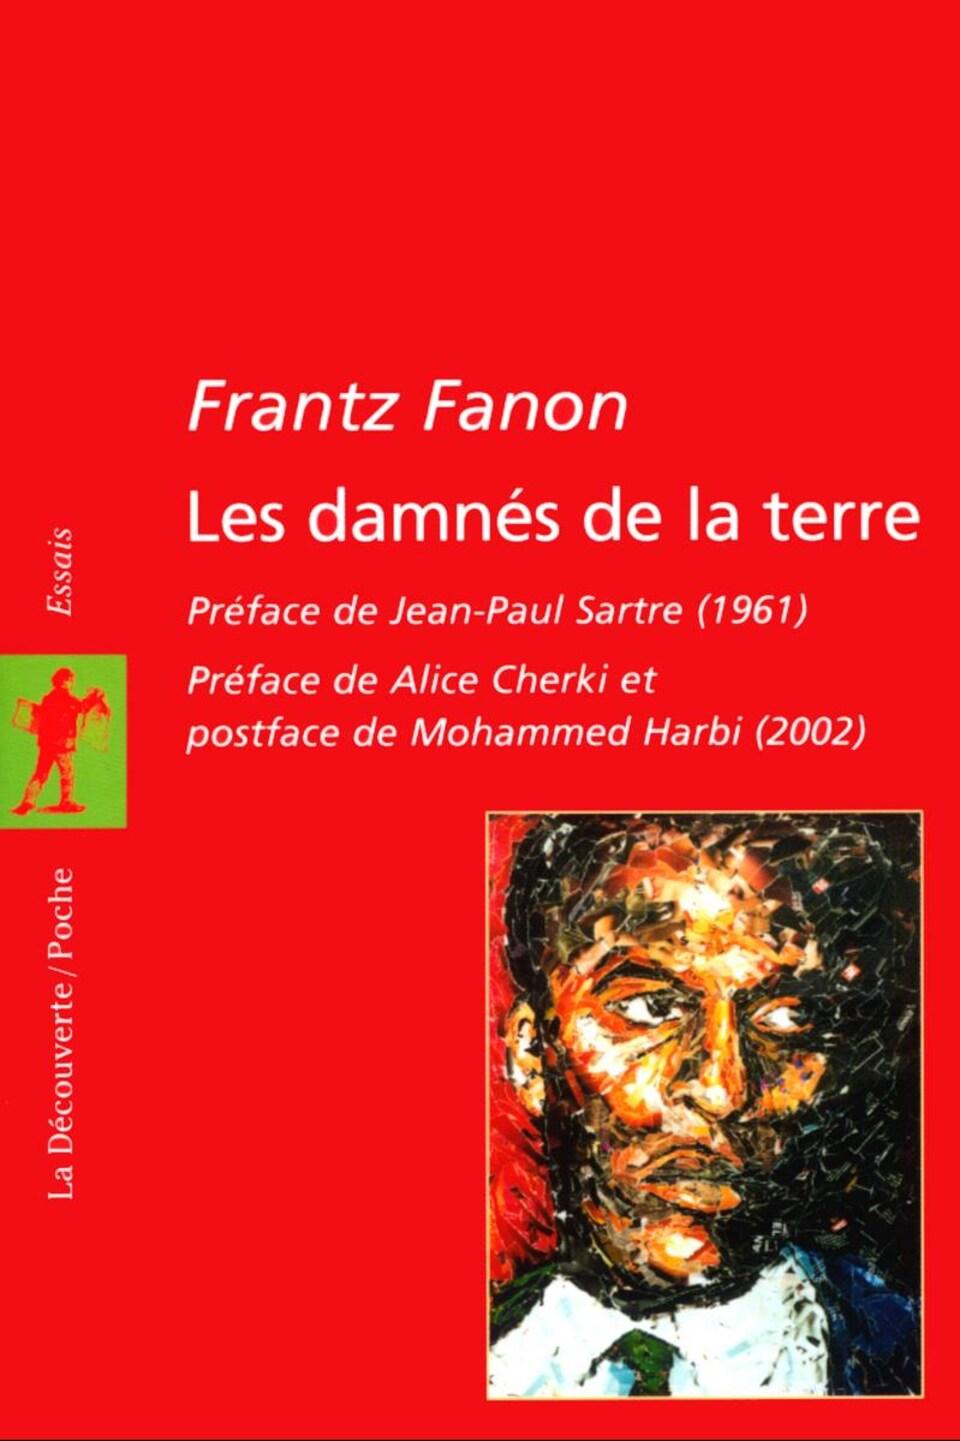 La page couverture du livre rouge, avec un dessin de l'auteur.